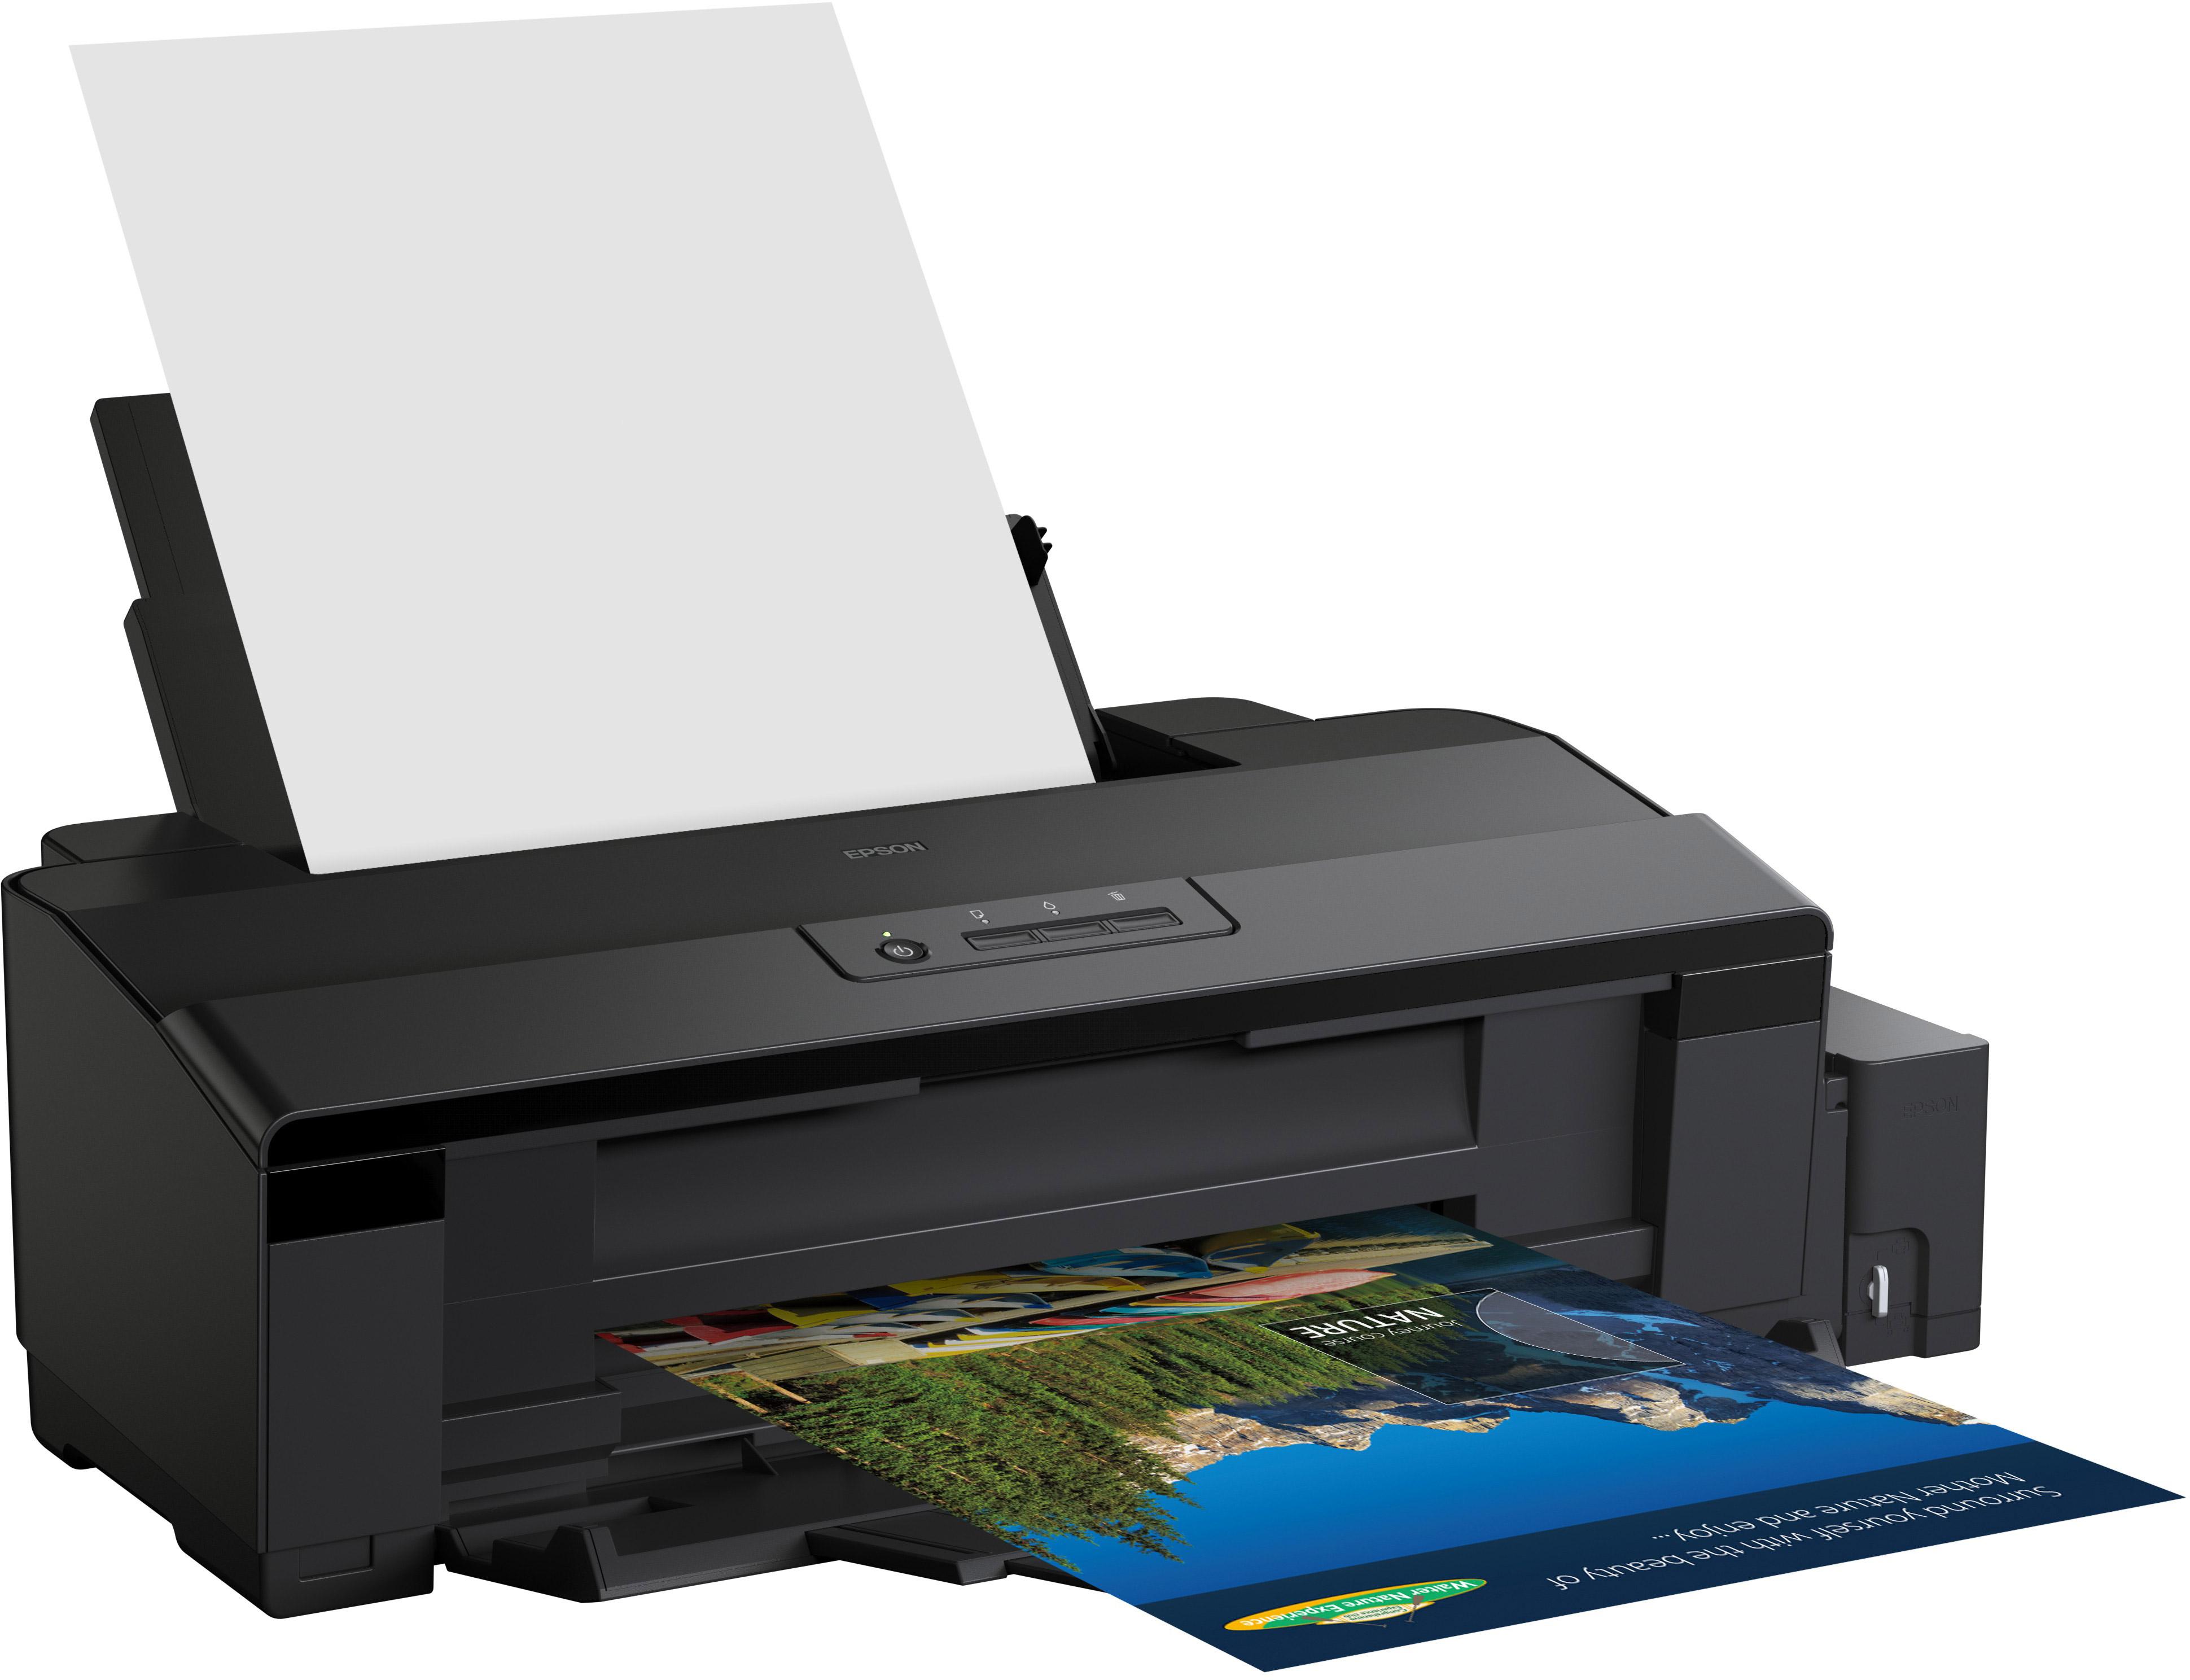 какой принтер выбрать для фотовывода недавних